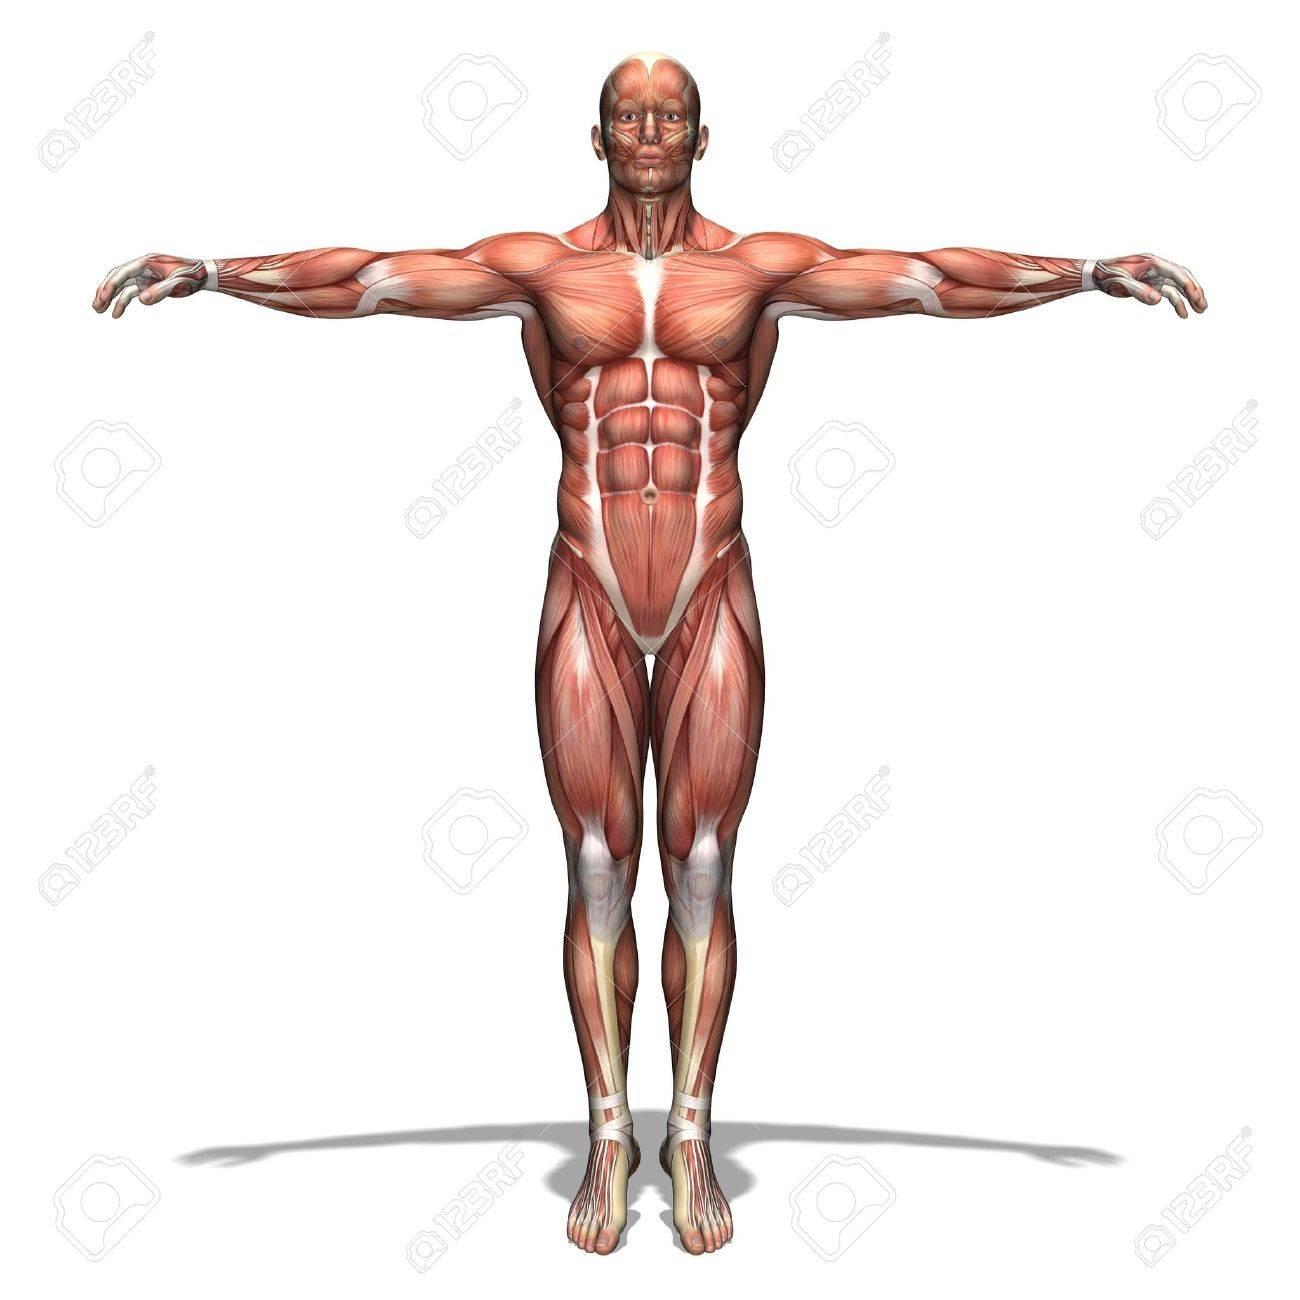 人間の体 の写真素材・画像素材 Image 13385760.